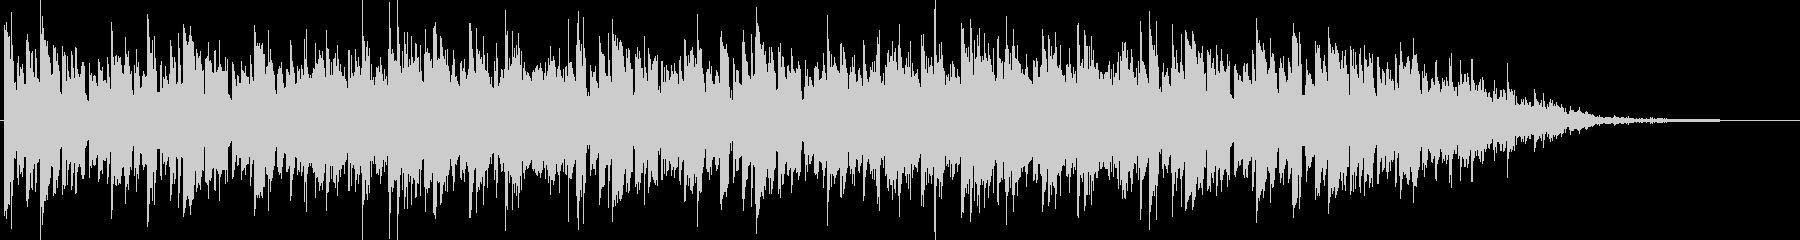 アンニュイなピアノメインBGMの未再生の波形